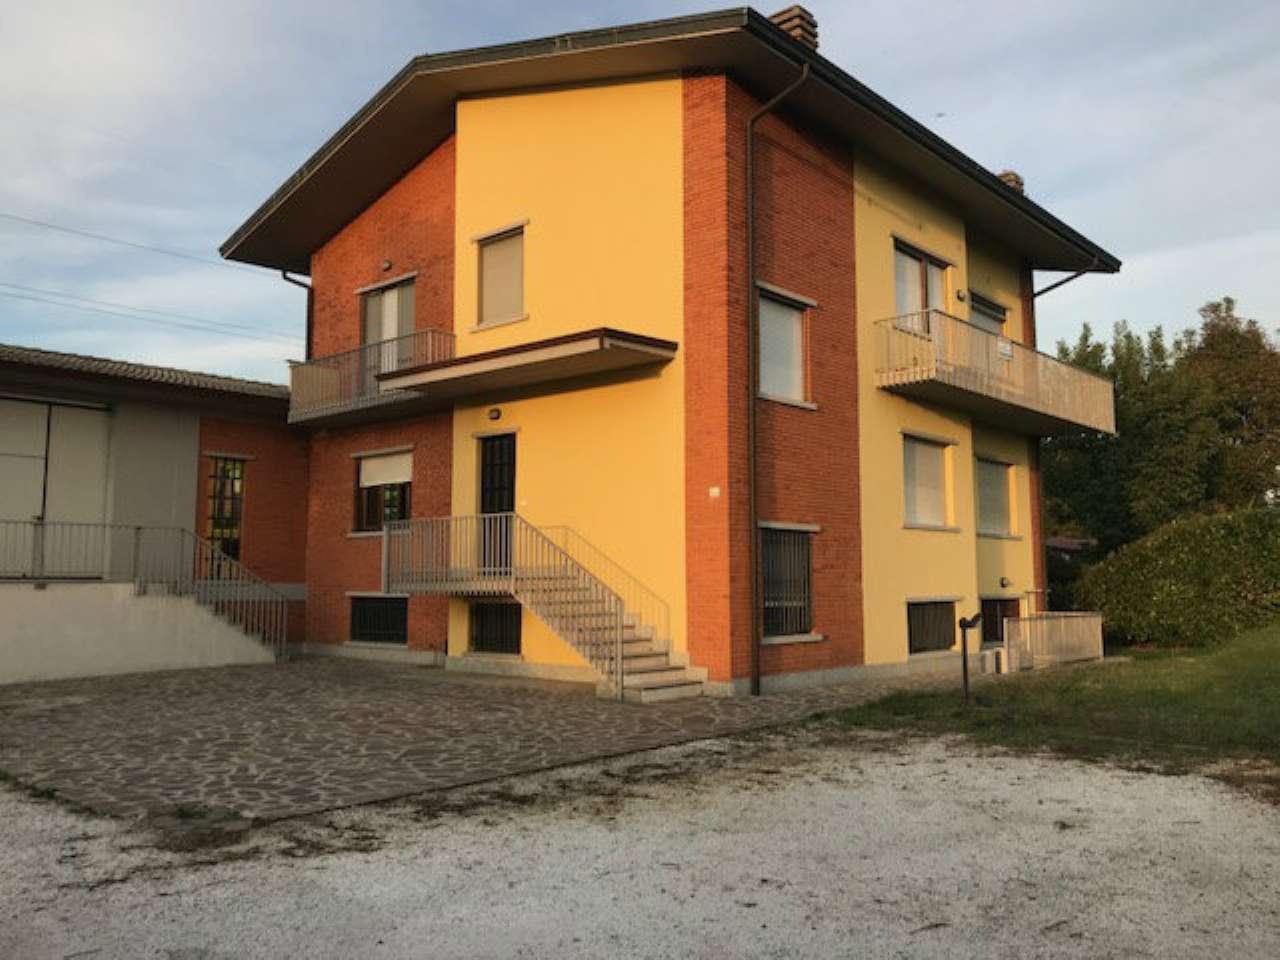 Capannone in vendita a Treviglio, 1 locali, prezzo € 640.000   CambioCasa.it